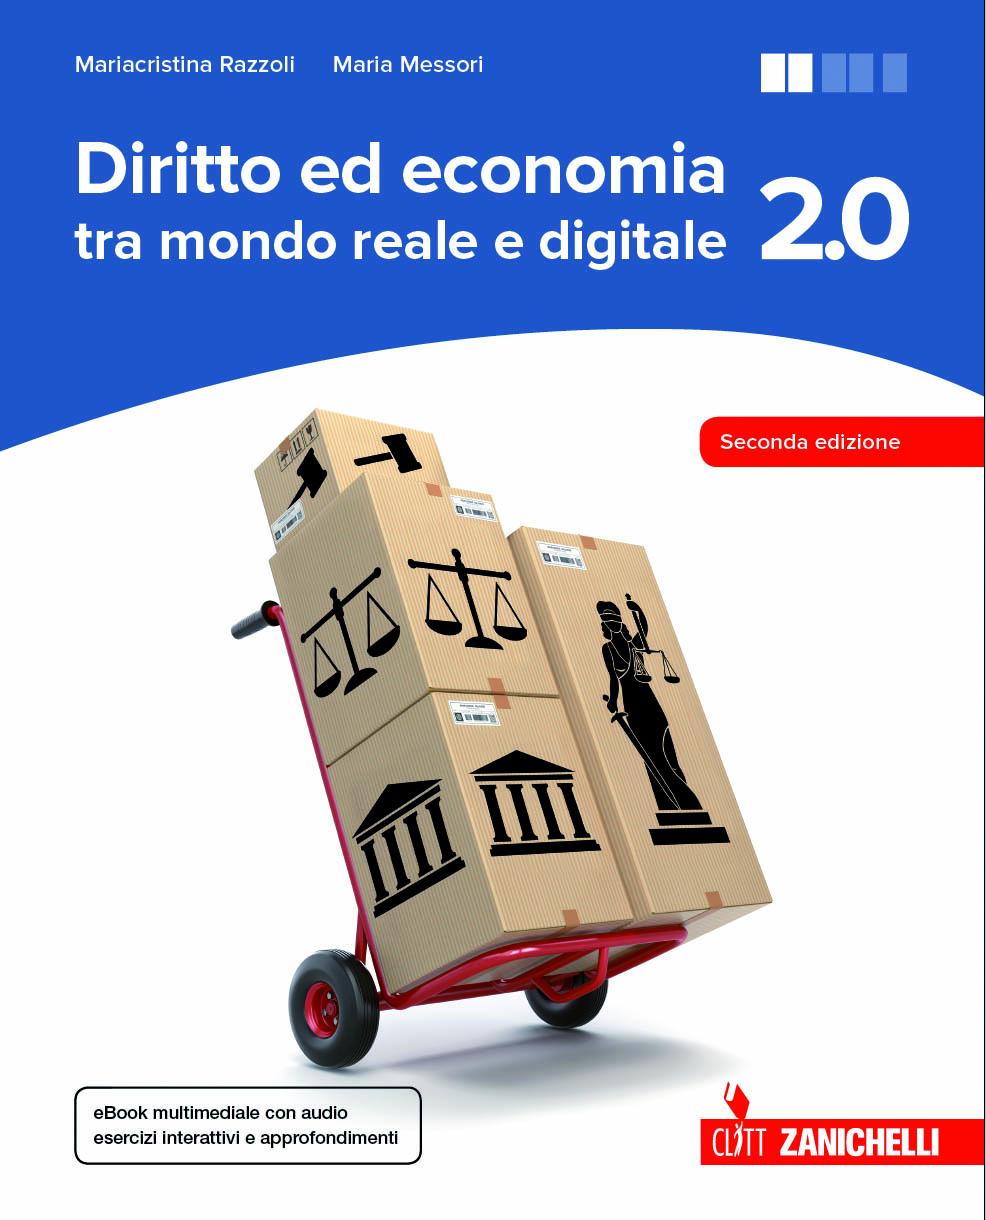 Diritto ed economia tra mondo reale e digitale 2.0